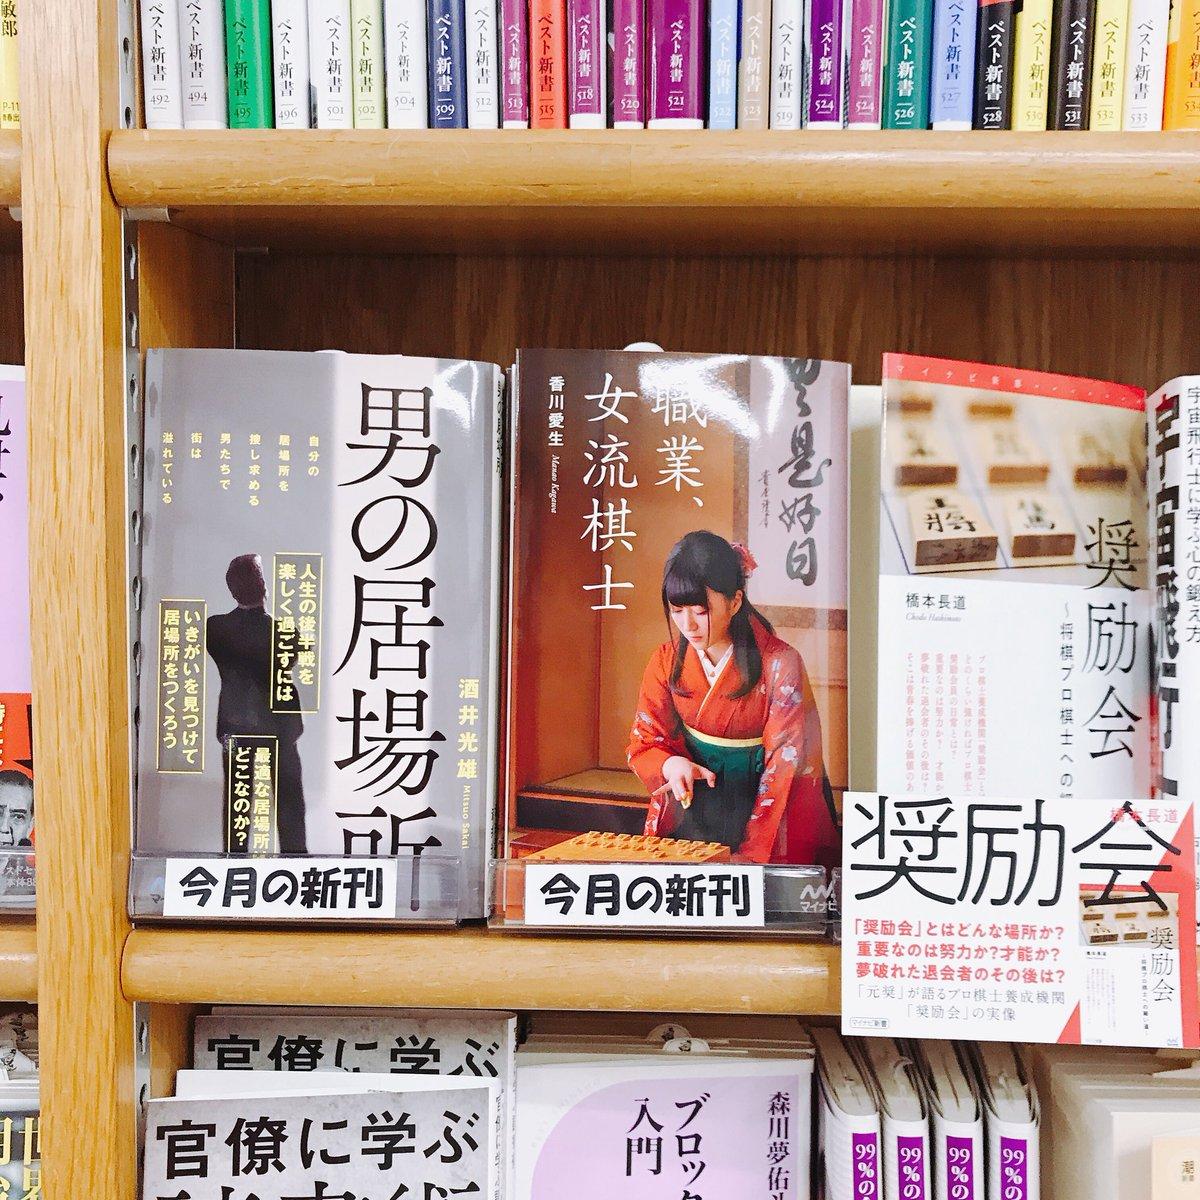 香川愛生📕職業、女流棋士さんの投稿画像